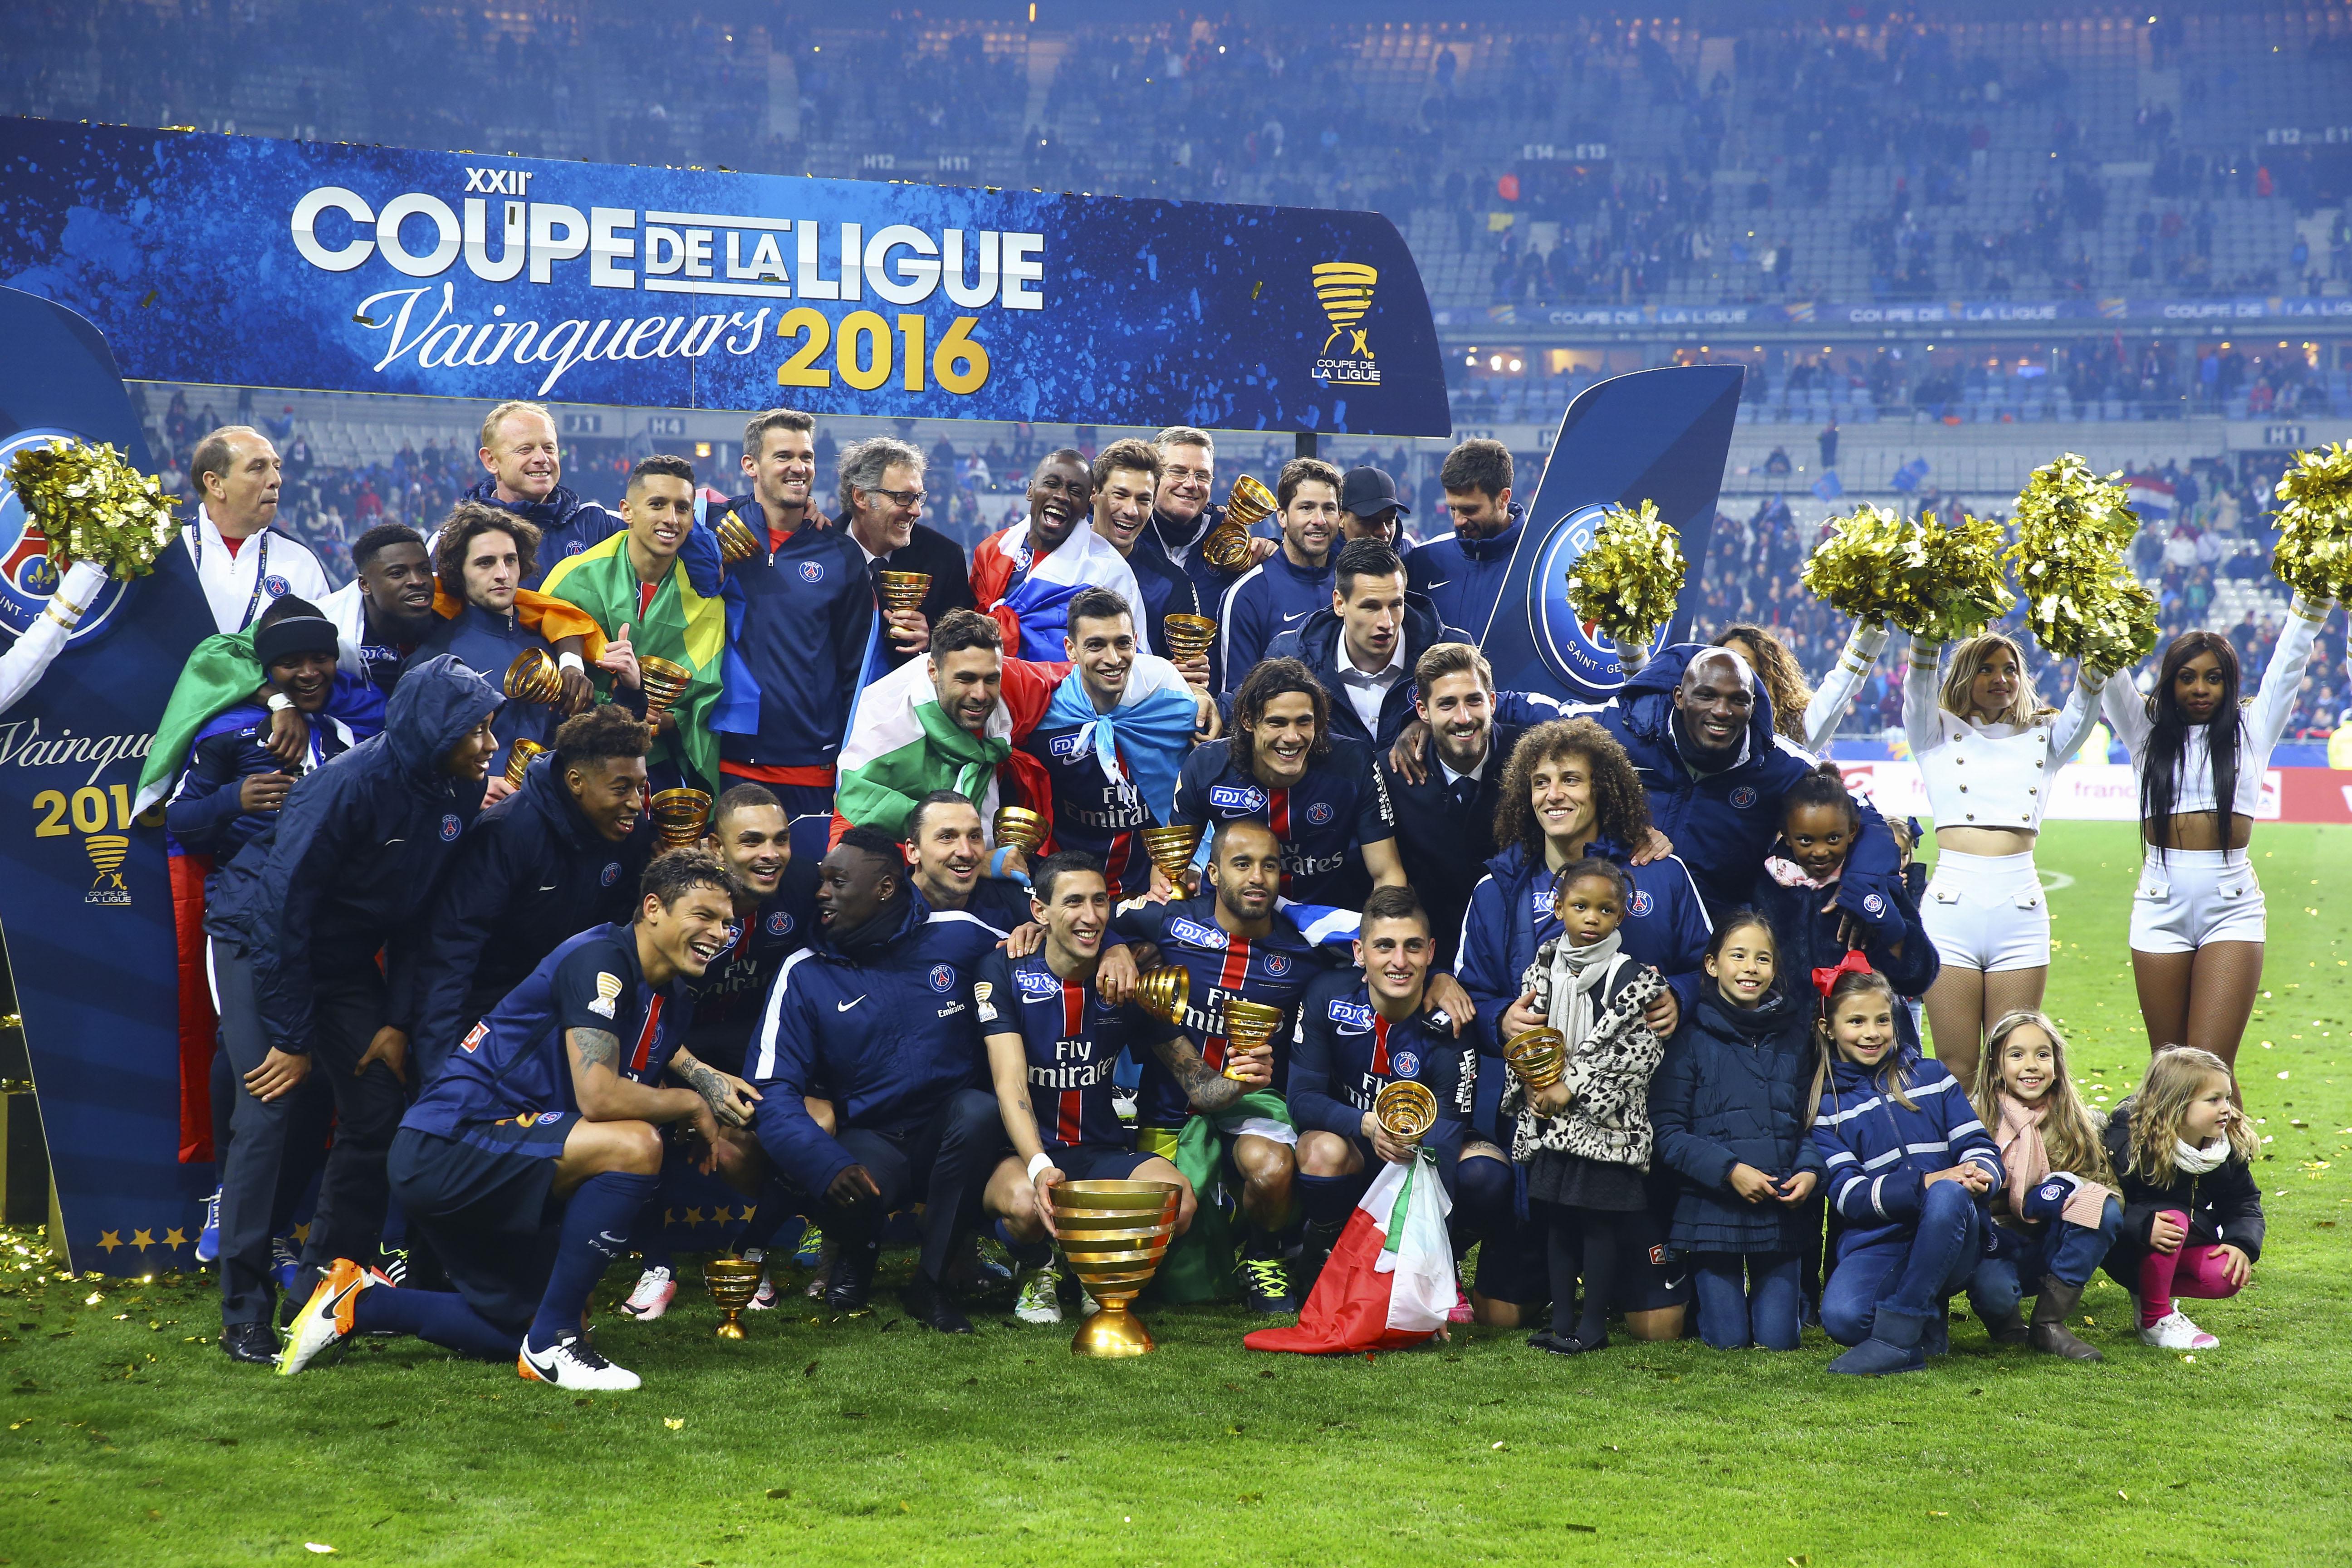 Pastore sidib rabiot les tops et les flops de la finale coupe de la ligue football - Coupe de la ligue finale 2015 ...